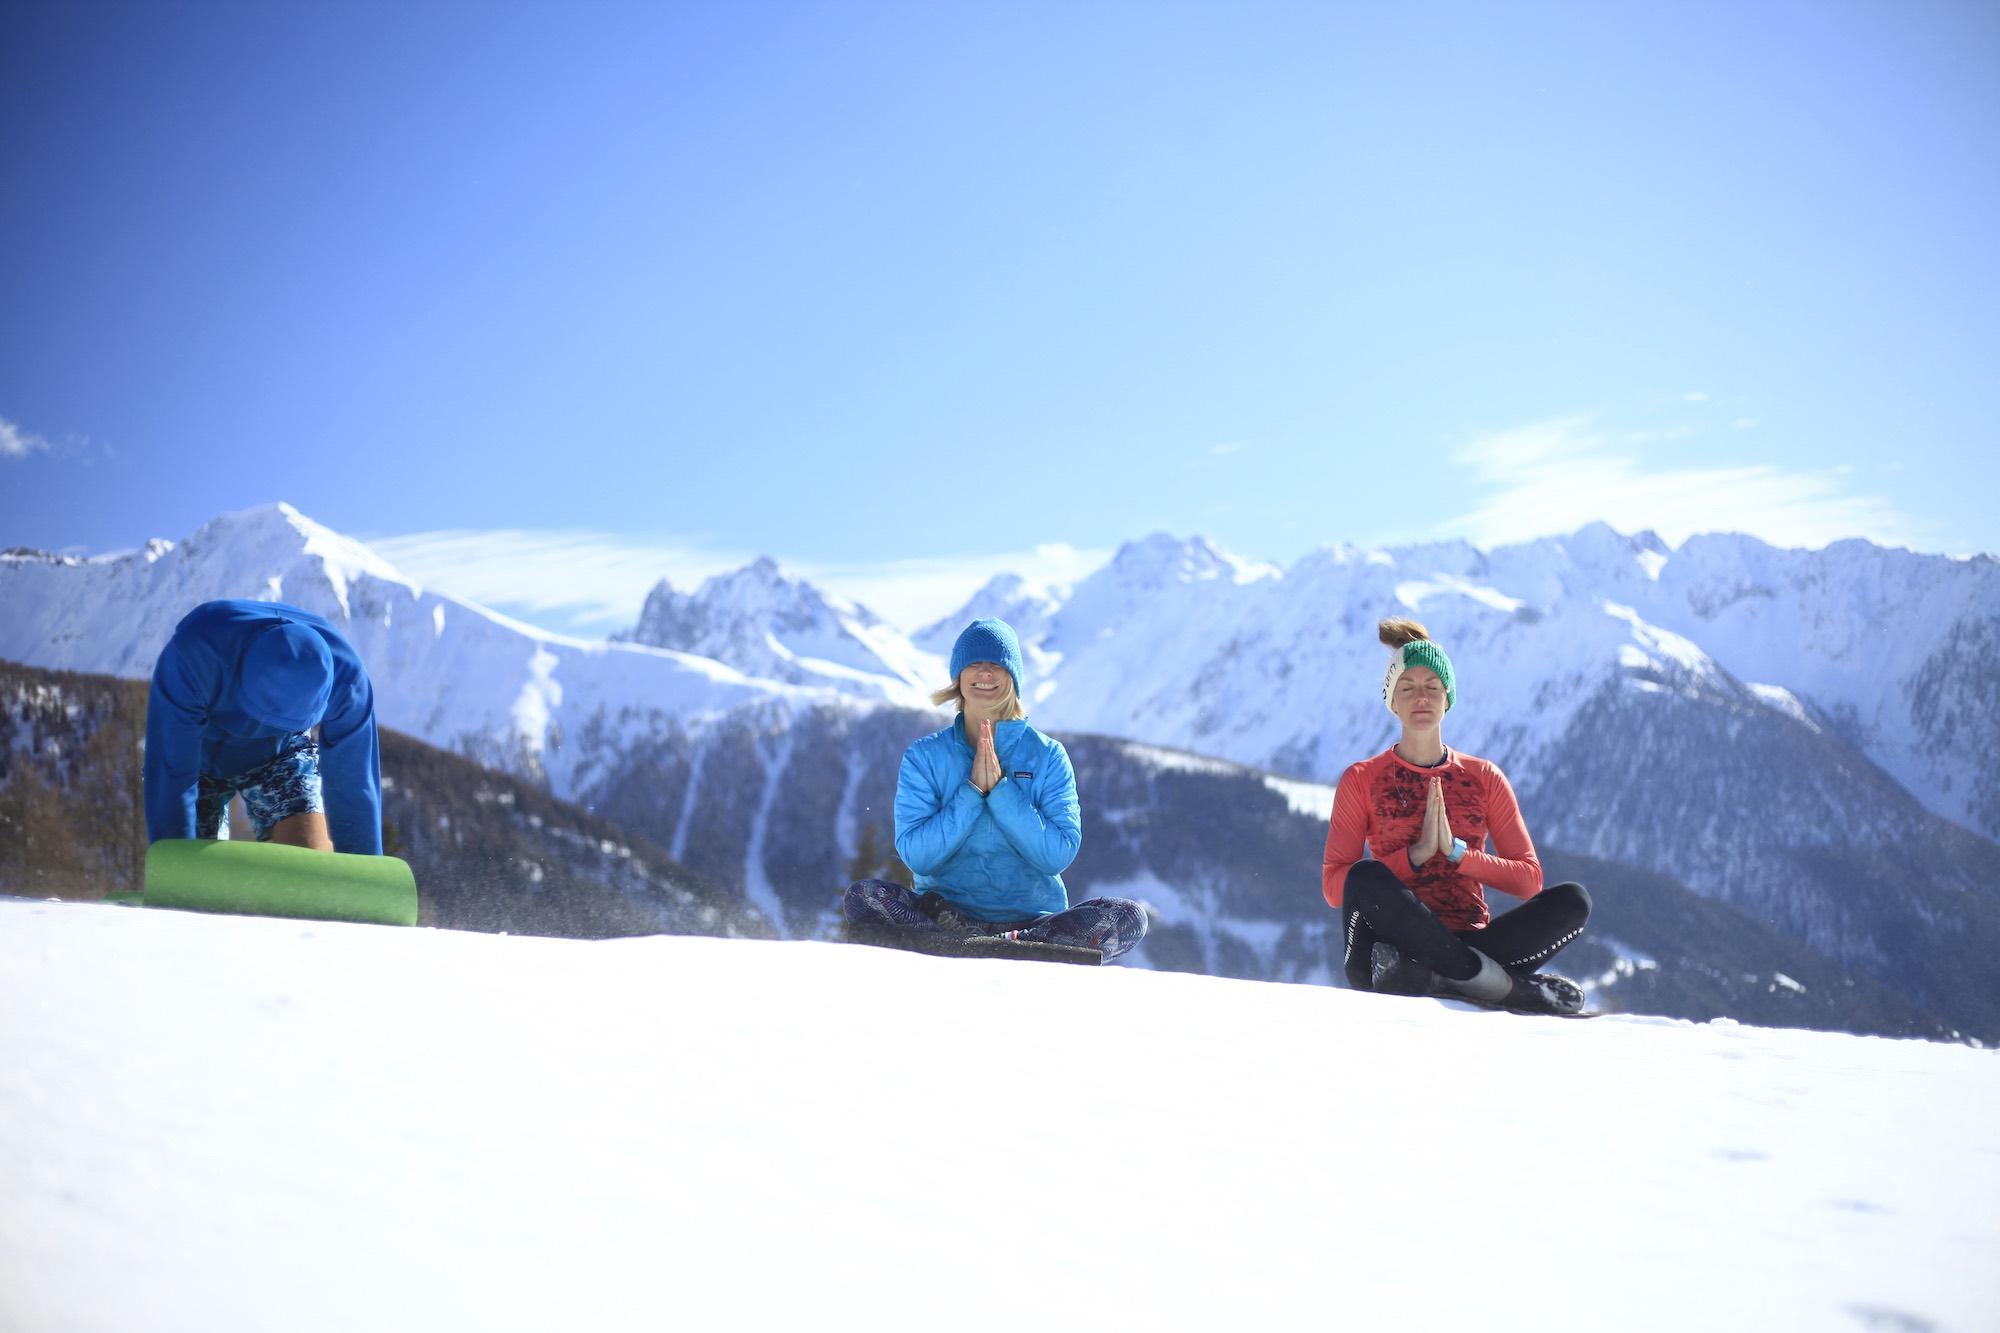 Skiing in GG resort Austria